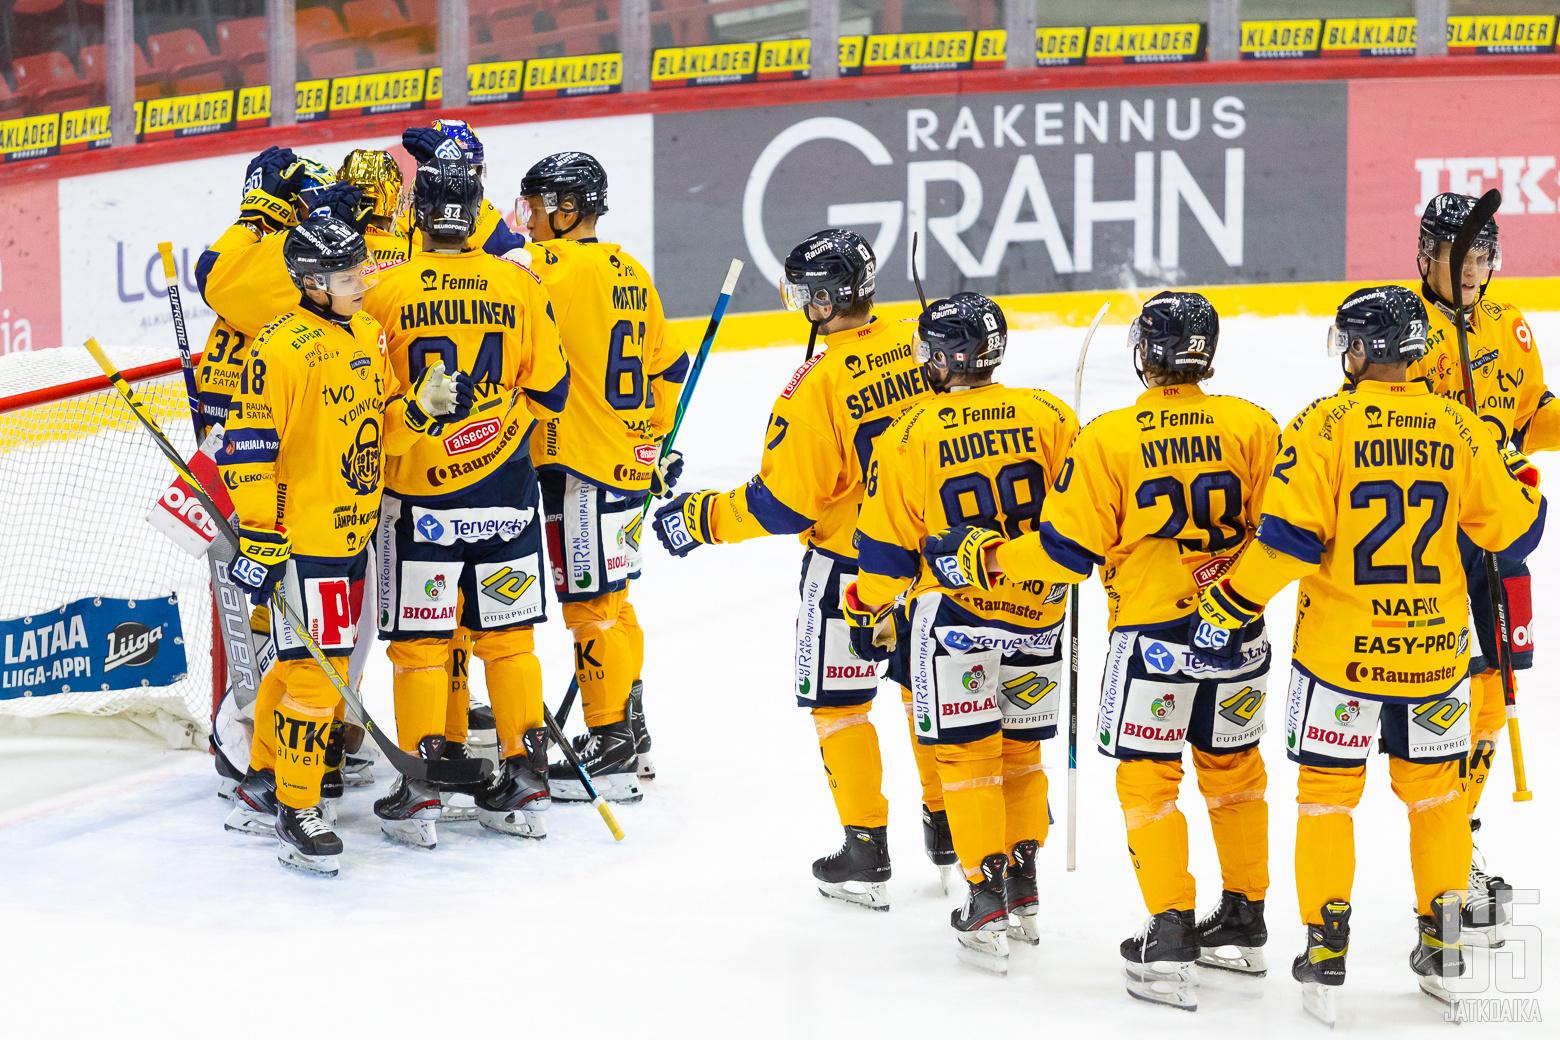 Lukko ottelussa HIFK - Lukko, 16/10/2020, Helsingin jäähalli, Helsinki, Suomi. Photo: Joonas Kämäräinen